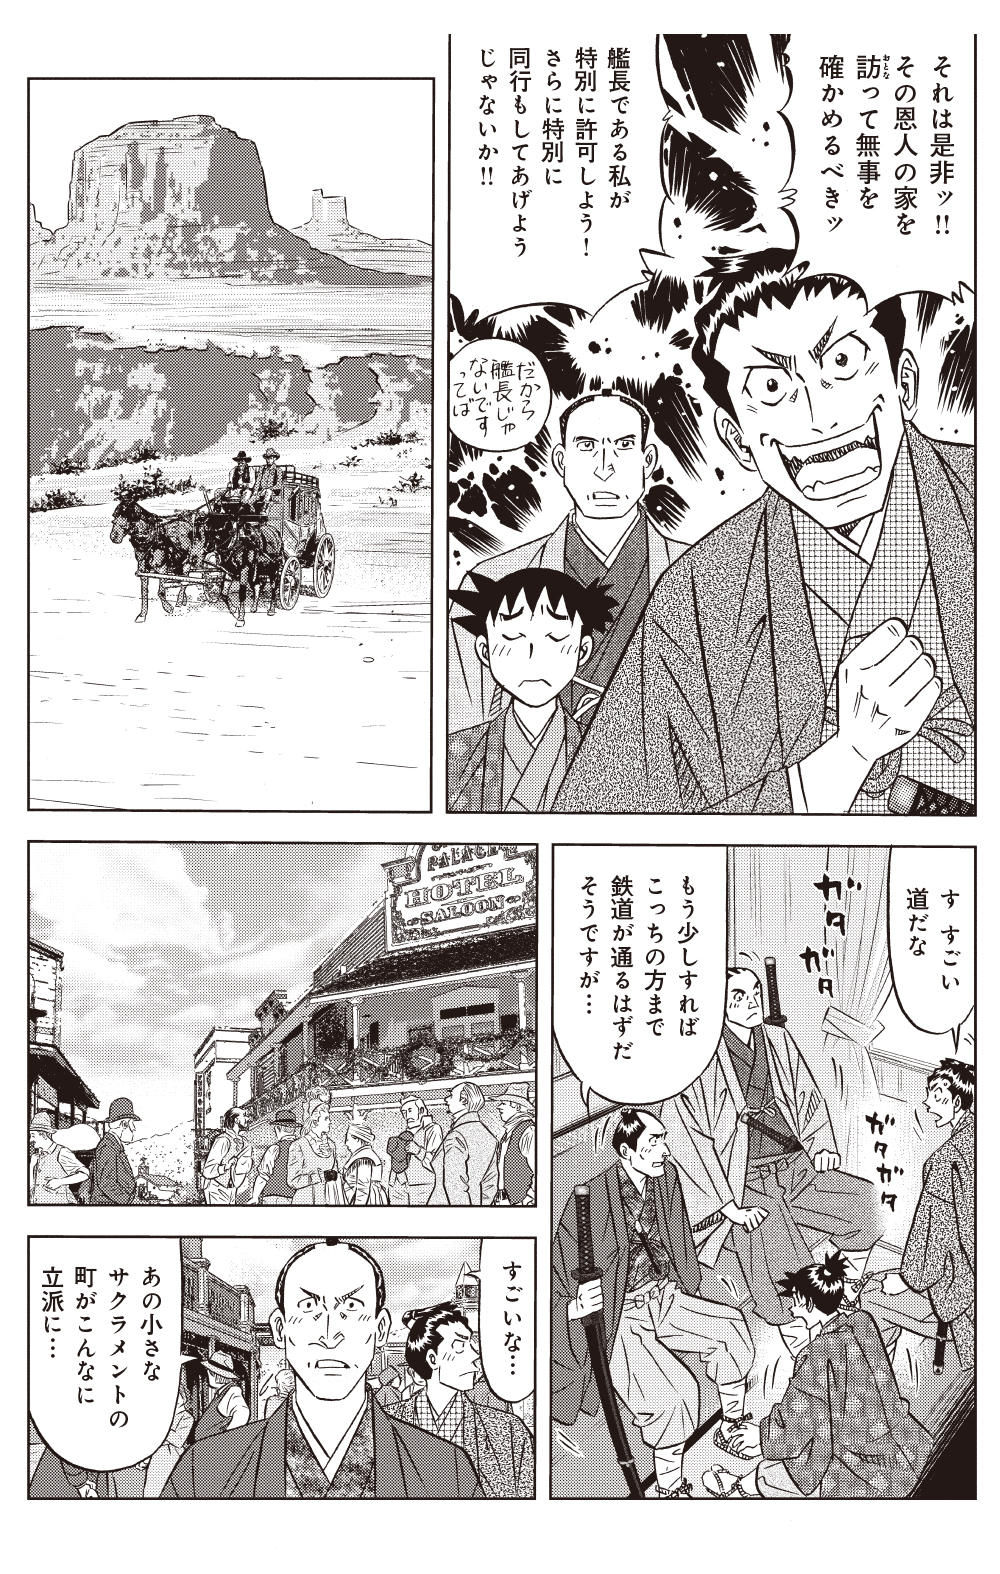 ミスター味っ子 幕末編 第3話「黄金大陸」①ajikko01-90.jpg